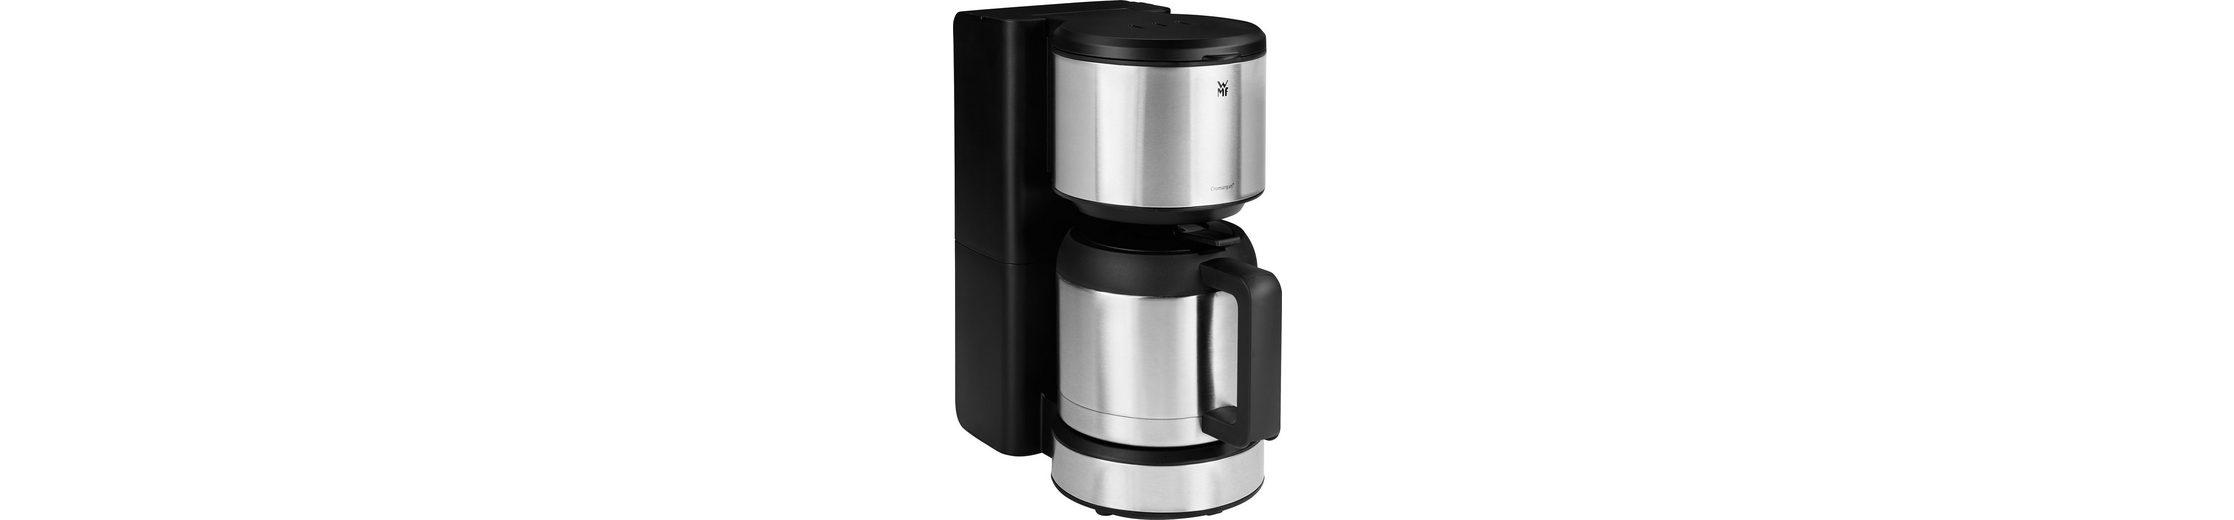 WMF Kaffeemaschine Stelio Thermo, 34,5 cm Höhe, 15,5 cm Breite